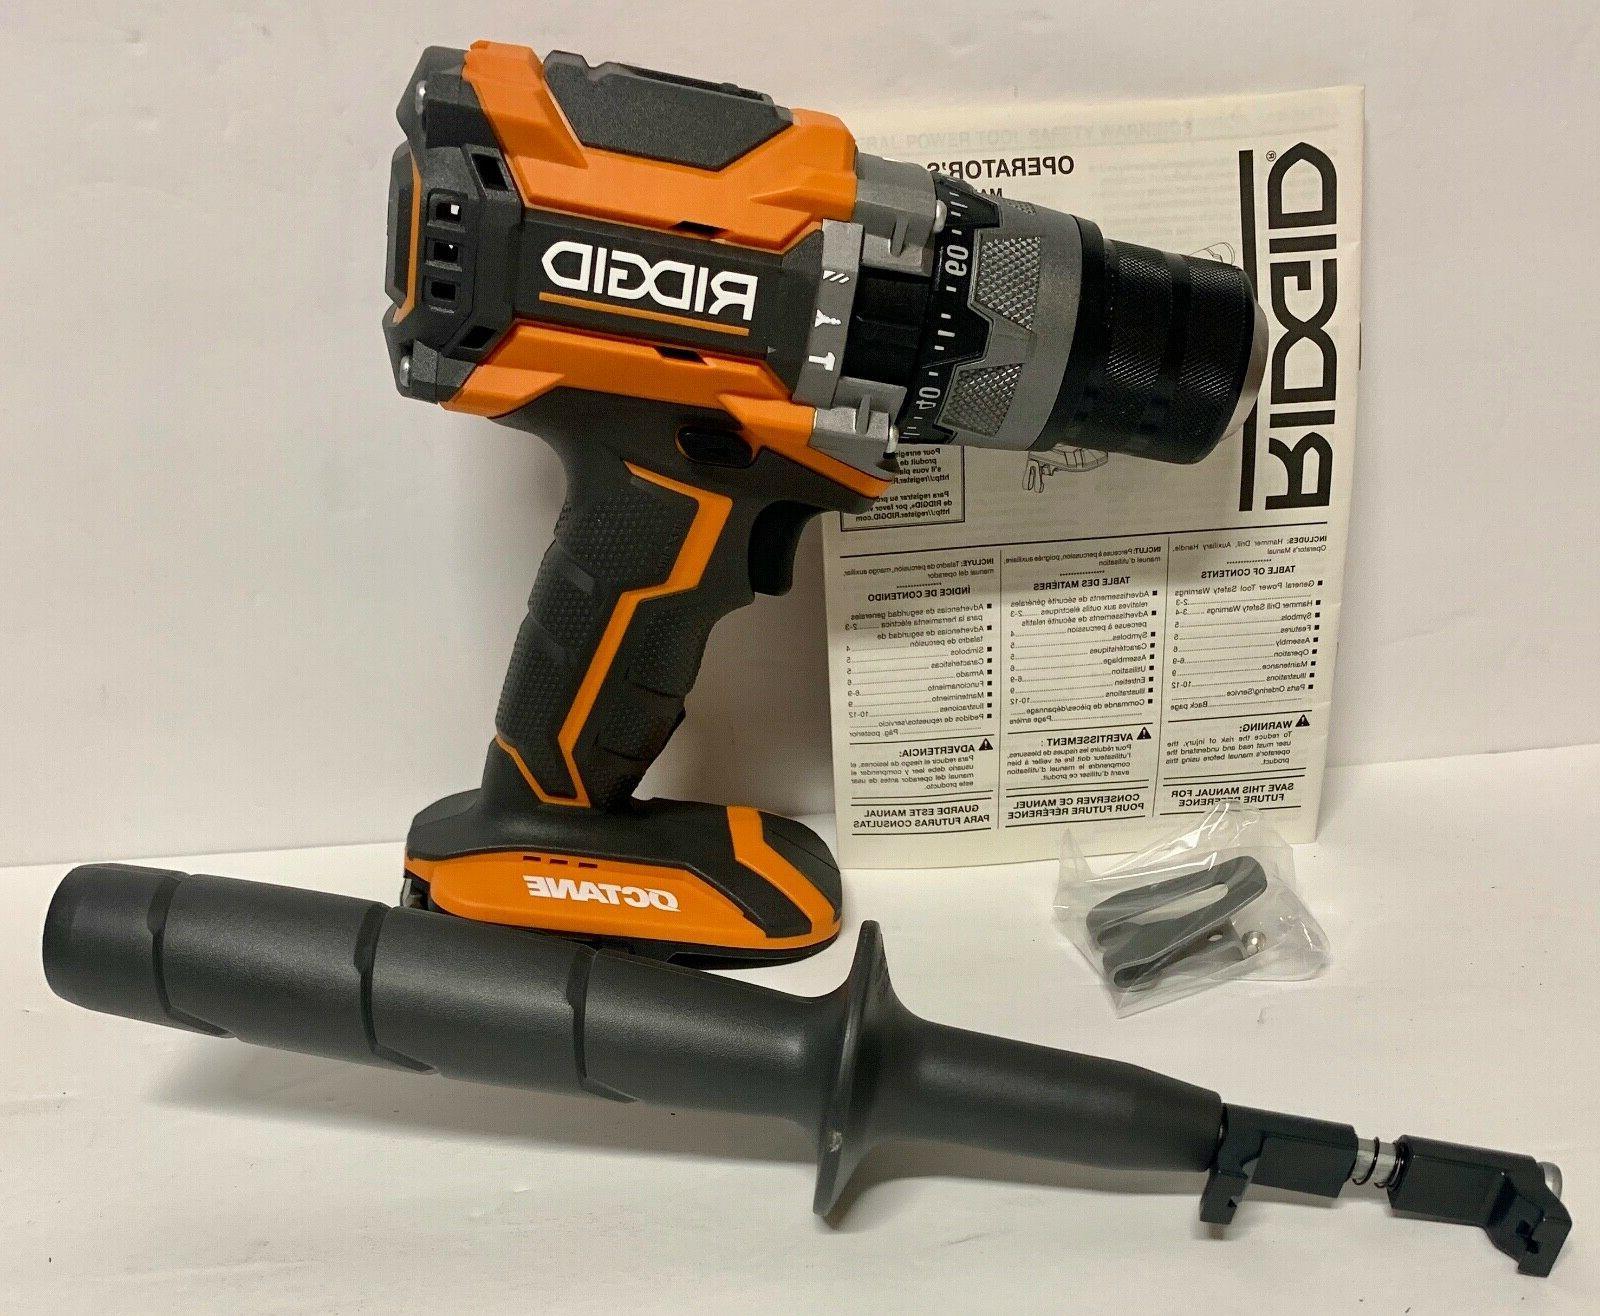 RIDGID R8611506 18V OCTANE Brushless Cordless 2-Speed Hammer Drill-TOOL ONLY